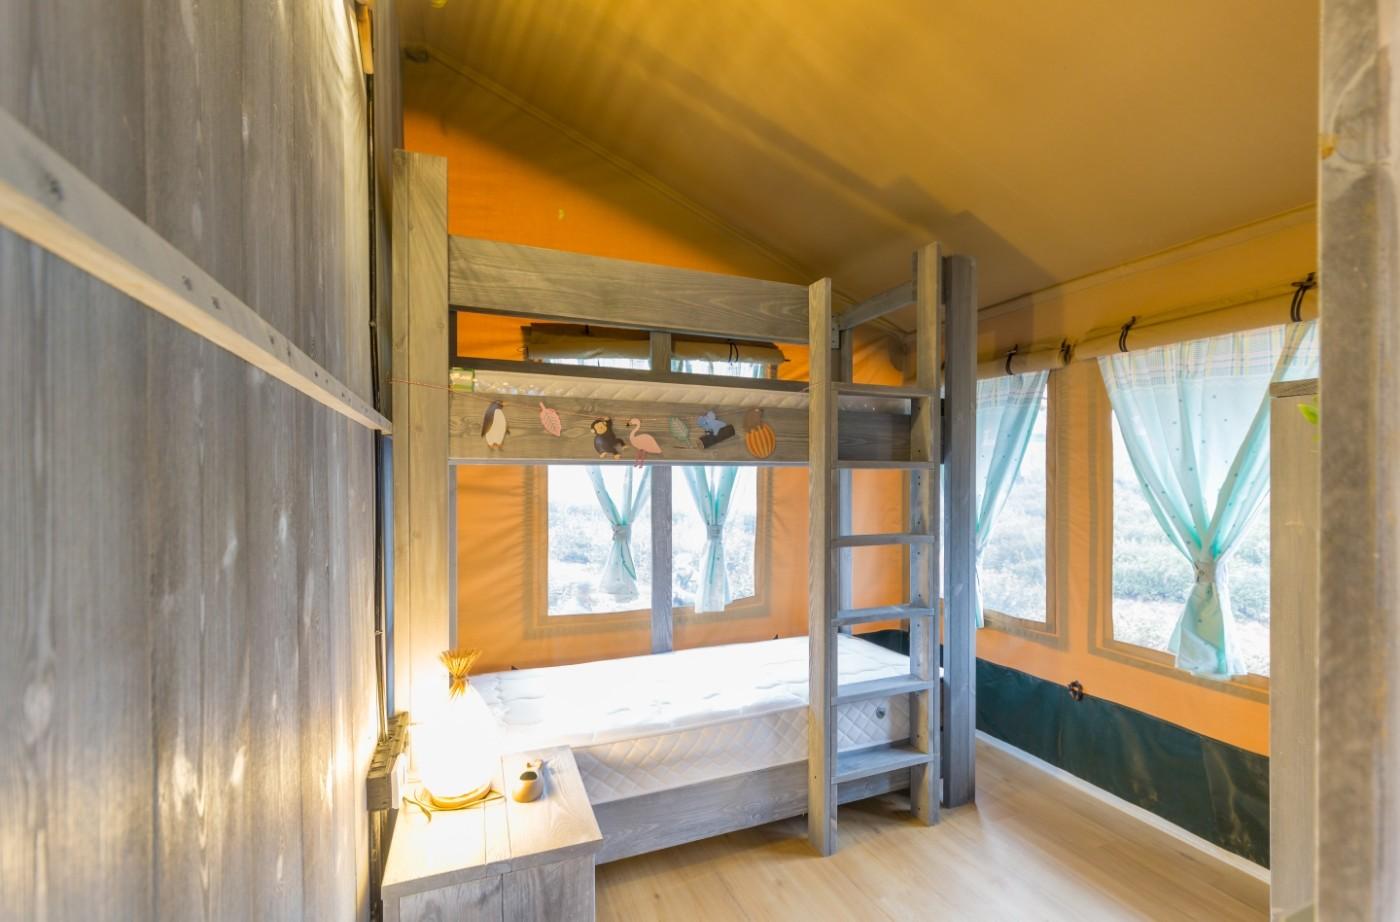 喜马拉雅野奢帐篷酒店—江苏茅山宝盛园(二期)34